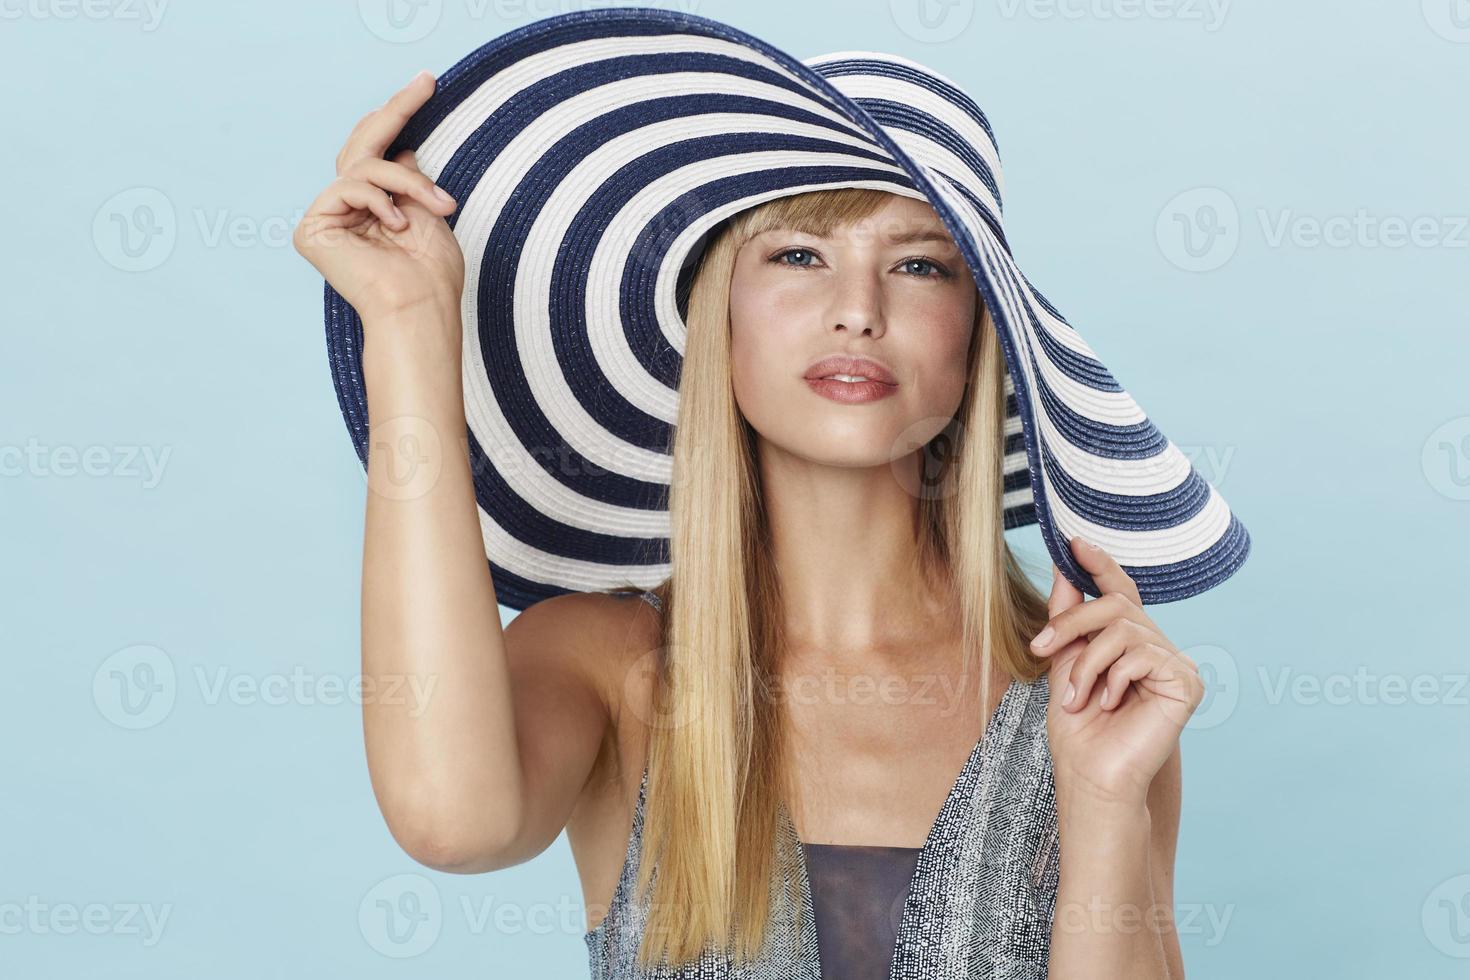 magnifique jeune femme au chapeau rayé photo